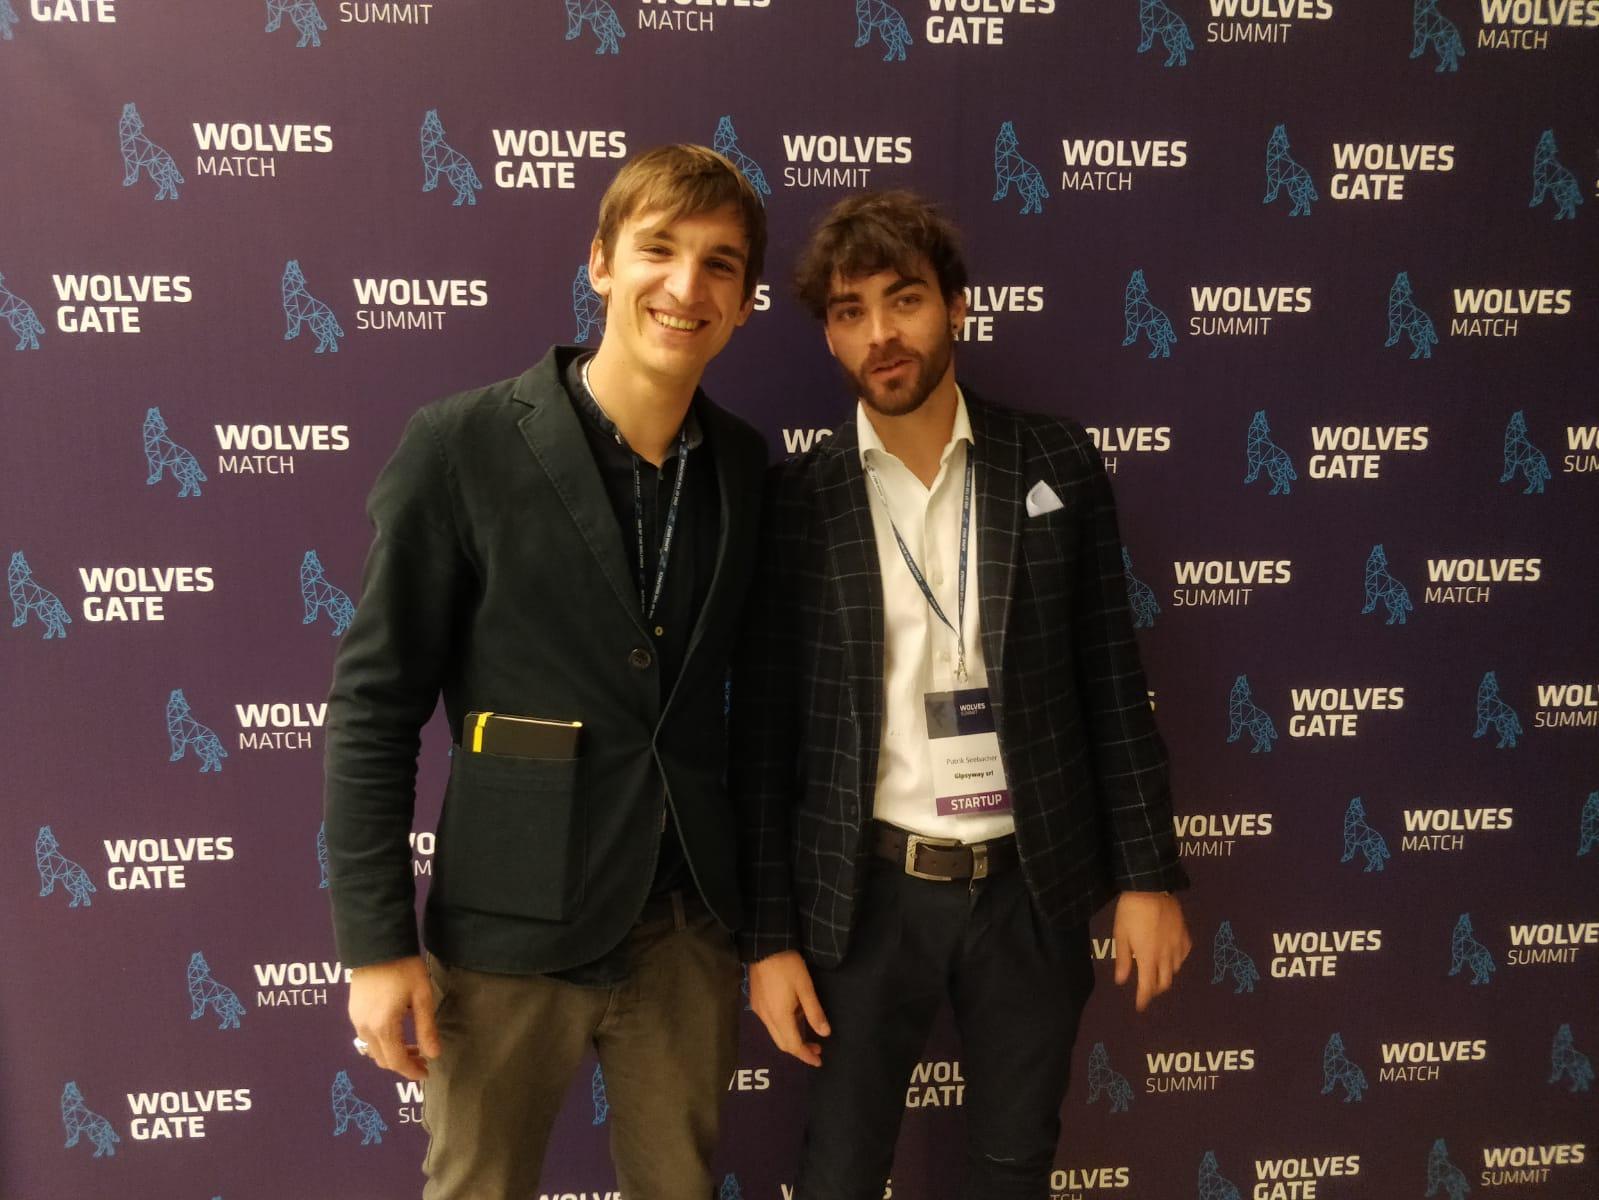 WolvesSummit